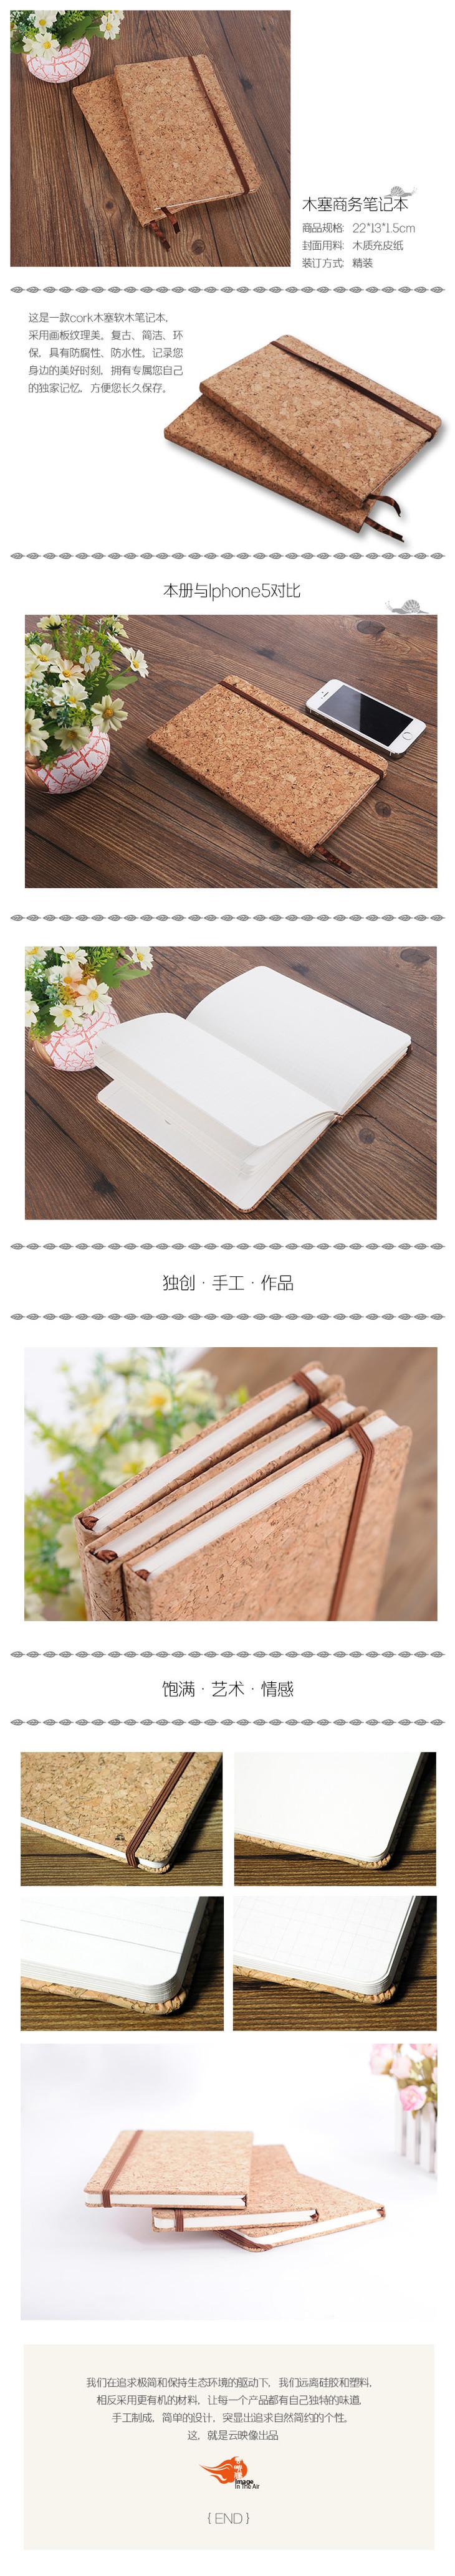 cork木塞软木设计师商务笔记本文具创意记事本日记本